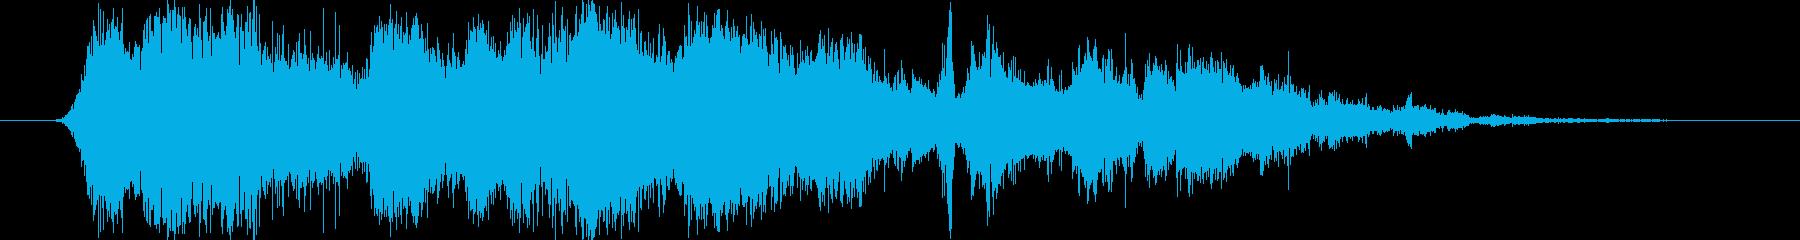 フィクション 電力装置 崩壊08の再生済みの波形